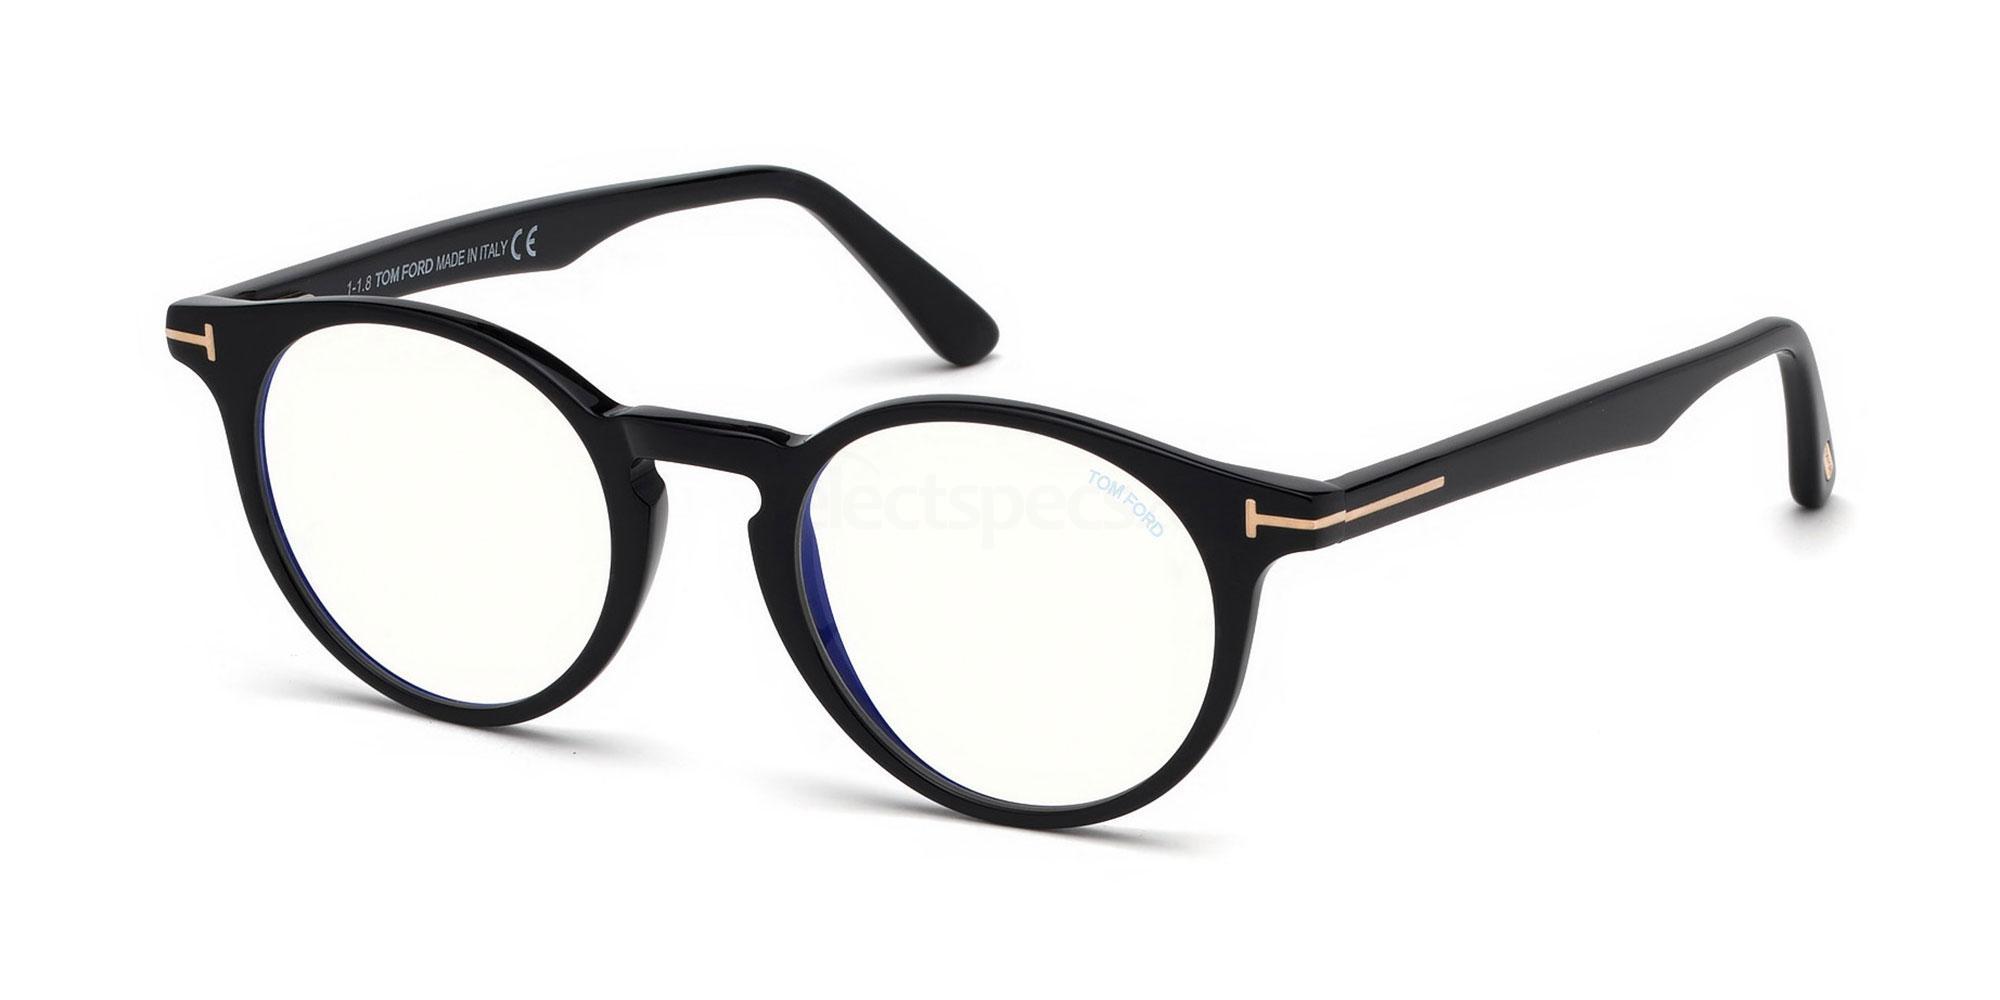 001 FT5557-B Glasses, Tom Ford